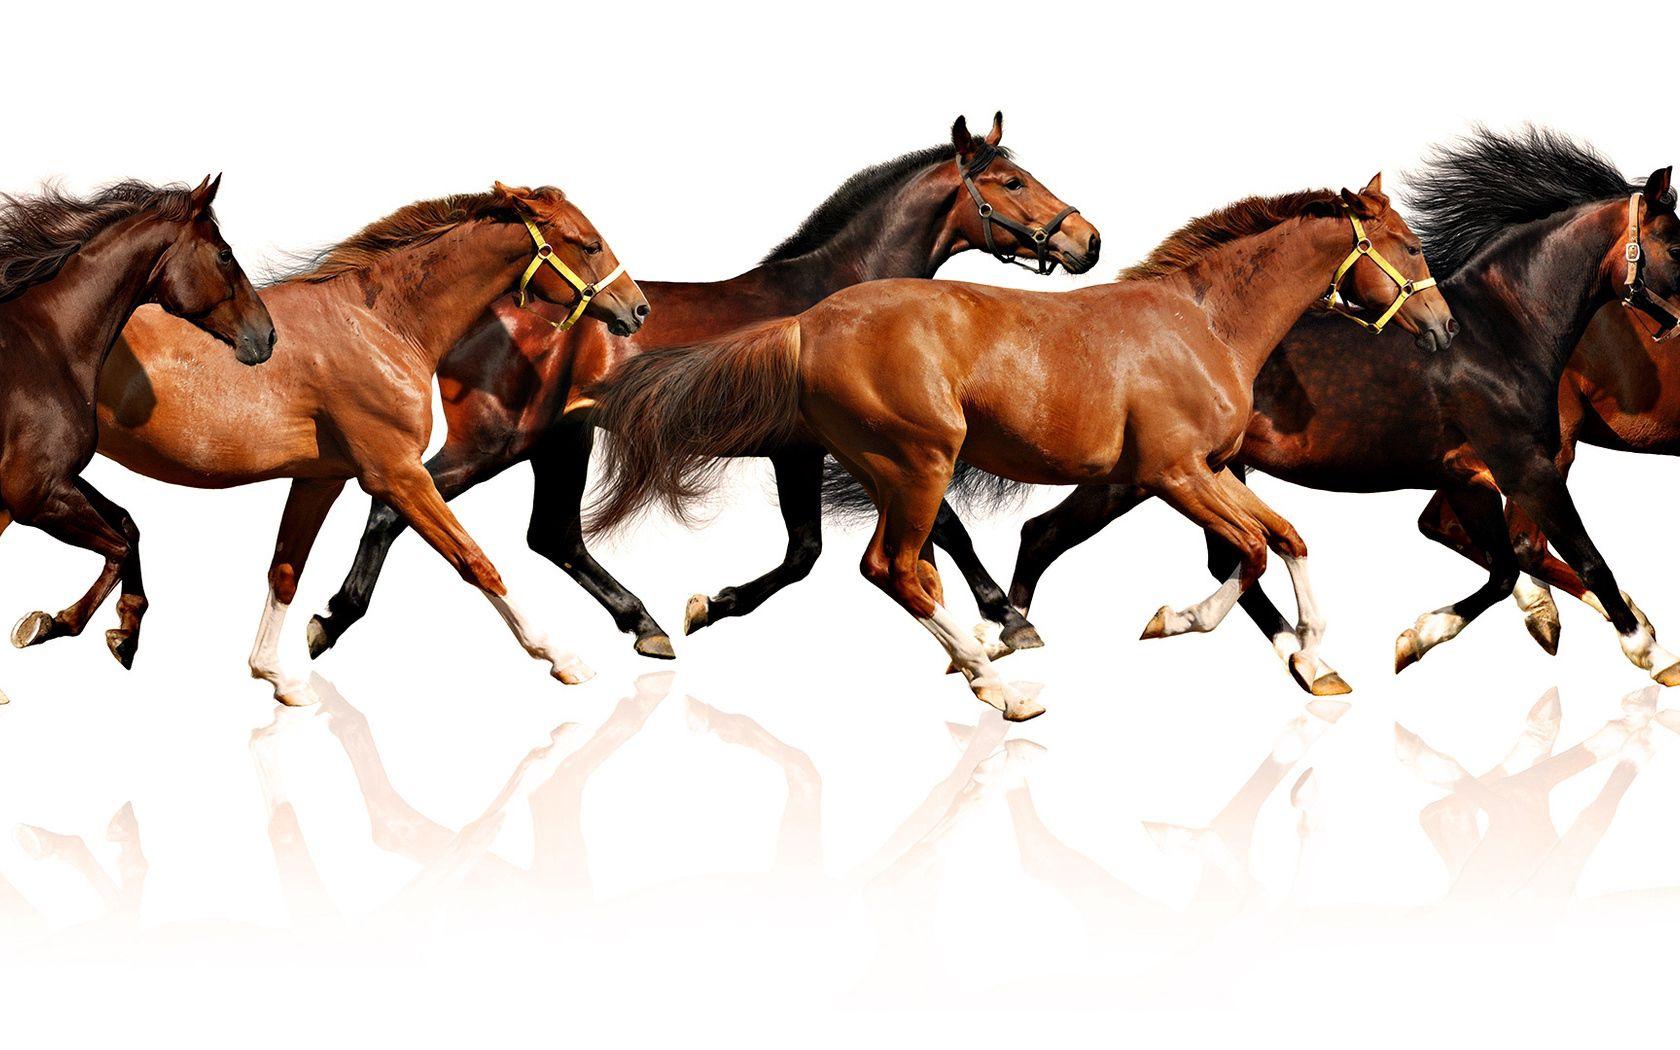 98081 Protetores de tela e papéis de parede Cavalos em seu telefone. Baixe Animais, Cavalos, Rebanho, Muitos, Manada, Fugir, Correr, Multidão fotos gratuitamente